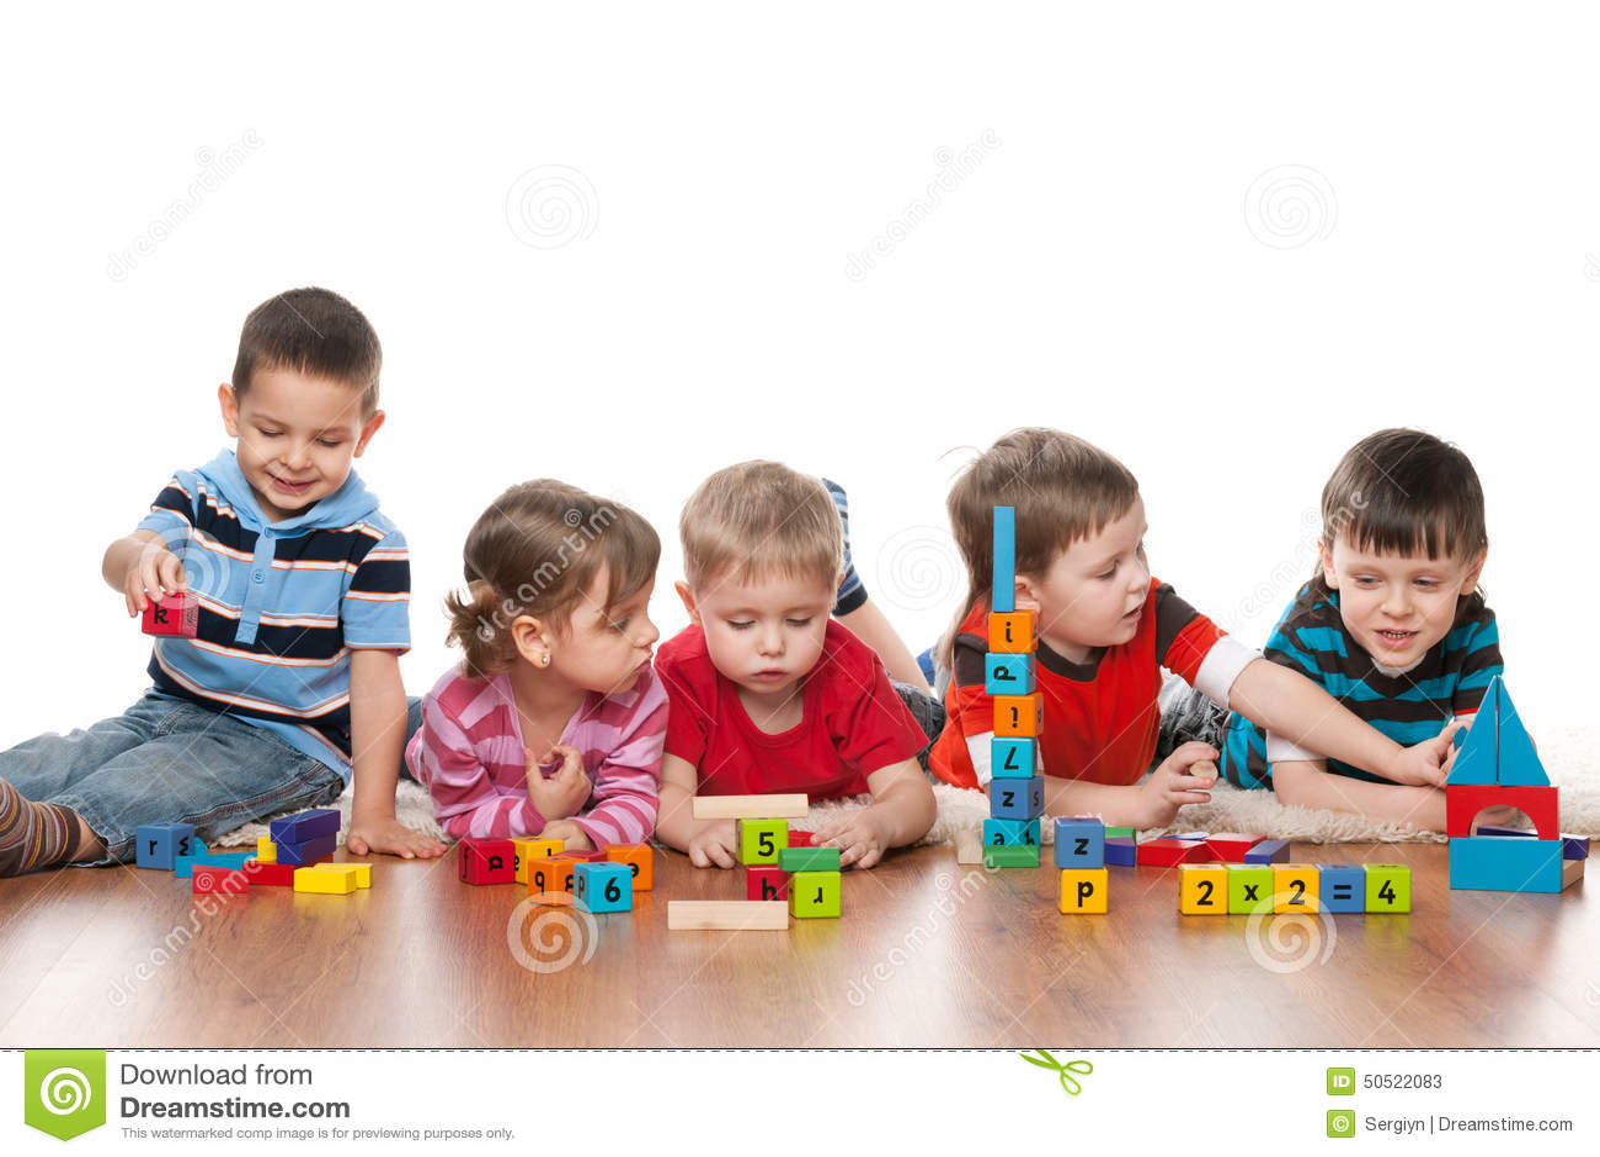 Fünf Kinder Im Kindergarten Stockbild - Bild von mädchen, lernen ...